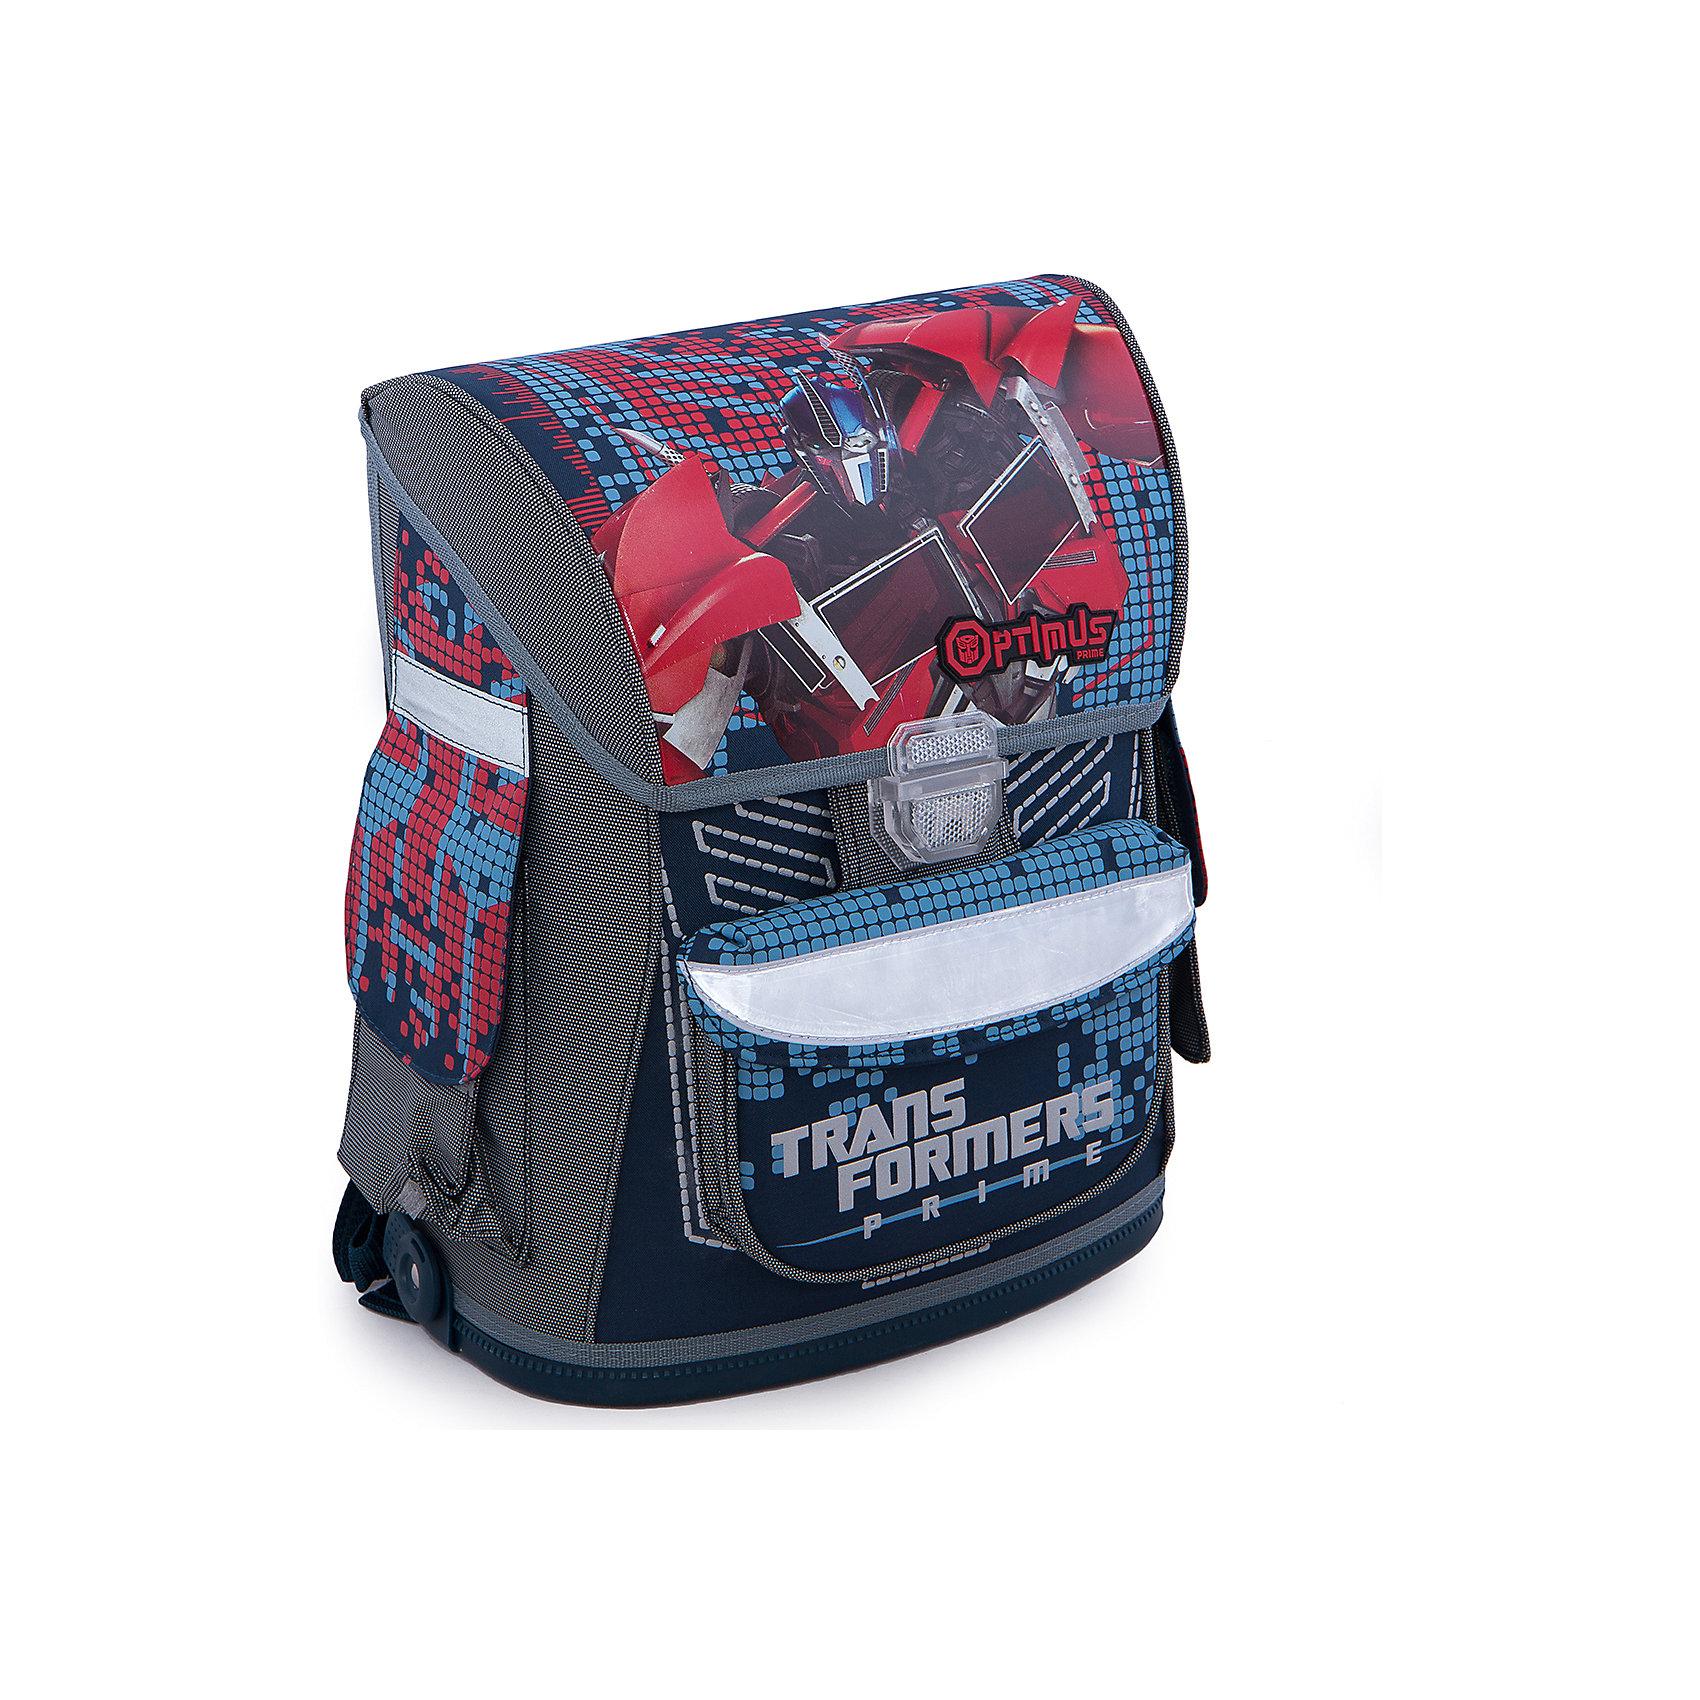 Эргономичный ранец, ТрансформерыРюкзак-ранец эргономичный, Transformers (Трансформеры) предназначен для школьников младших классов. Рюкзак имеет эргономичную спинку, покрытую толстым поролоном, что обеспечивает комфорт при использовании. Рюкзак усилен пластиком и имеет жесткие боковые стенки, что позволяет хорошо держать форму, а значит тетрадки и книжки внутри рюкзака останутся в порядке при любой активности ребенка. Широкие регулируемые лямки позволяют равномерно распределить нагрузку на плечи. На переднем кармане для канцелярских принадлежностей изображены любимцы практически всех мальчишек — Трансформеры.<br><br>Порадуйте Вашего  ребенка прекрасным подарком!<br><br>Дополнительная информация:<br><br>- Материал: текстиль, поролон, пластик<br>- Размер: 37 х 30 х 16,5 см<br>- Вес: 1,07 кг<br><br>Рюкзак-ранец эргономичный, Transformers (Трансформеры) можно купить в нашем интернет-магазине.<br><br>Ширина мм: 370<br>Глубина мм: 300<br>Высота мм: 165<br>Вес г: 1068<br>Возраст от месяцев: 96<br>Возраст до месяцев: 108<br>Пол: Мужской<br>Возраст: Детский<br>SKU: 3563162